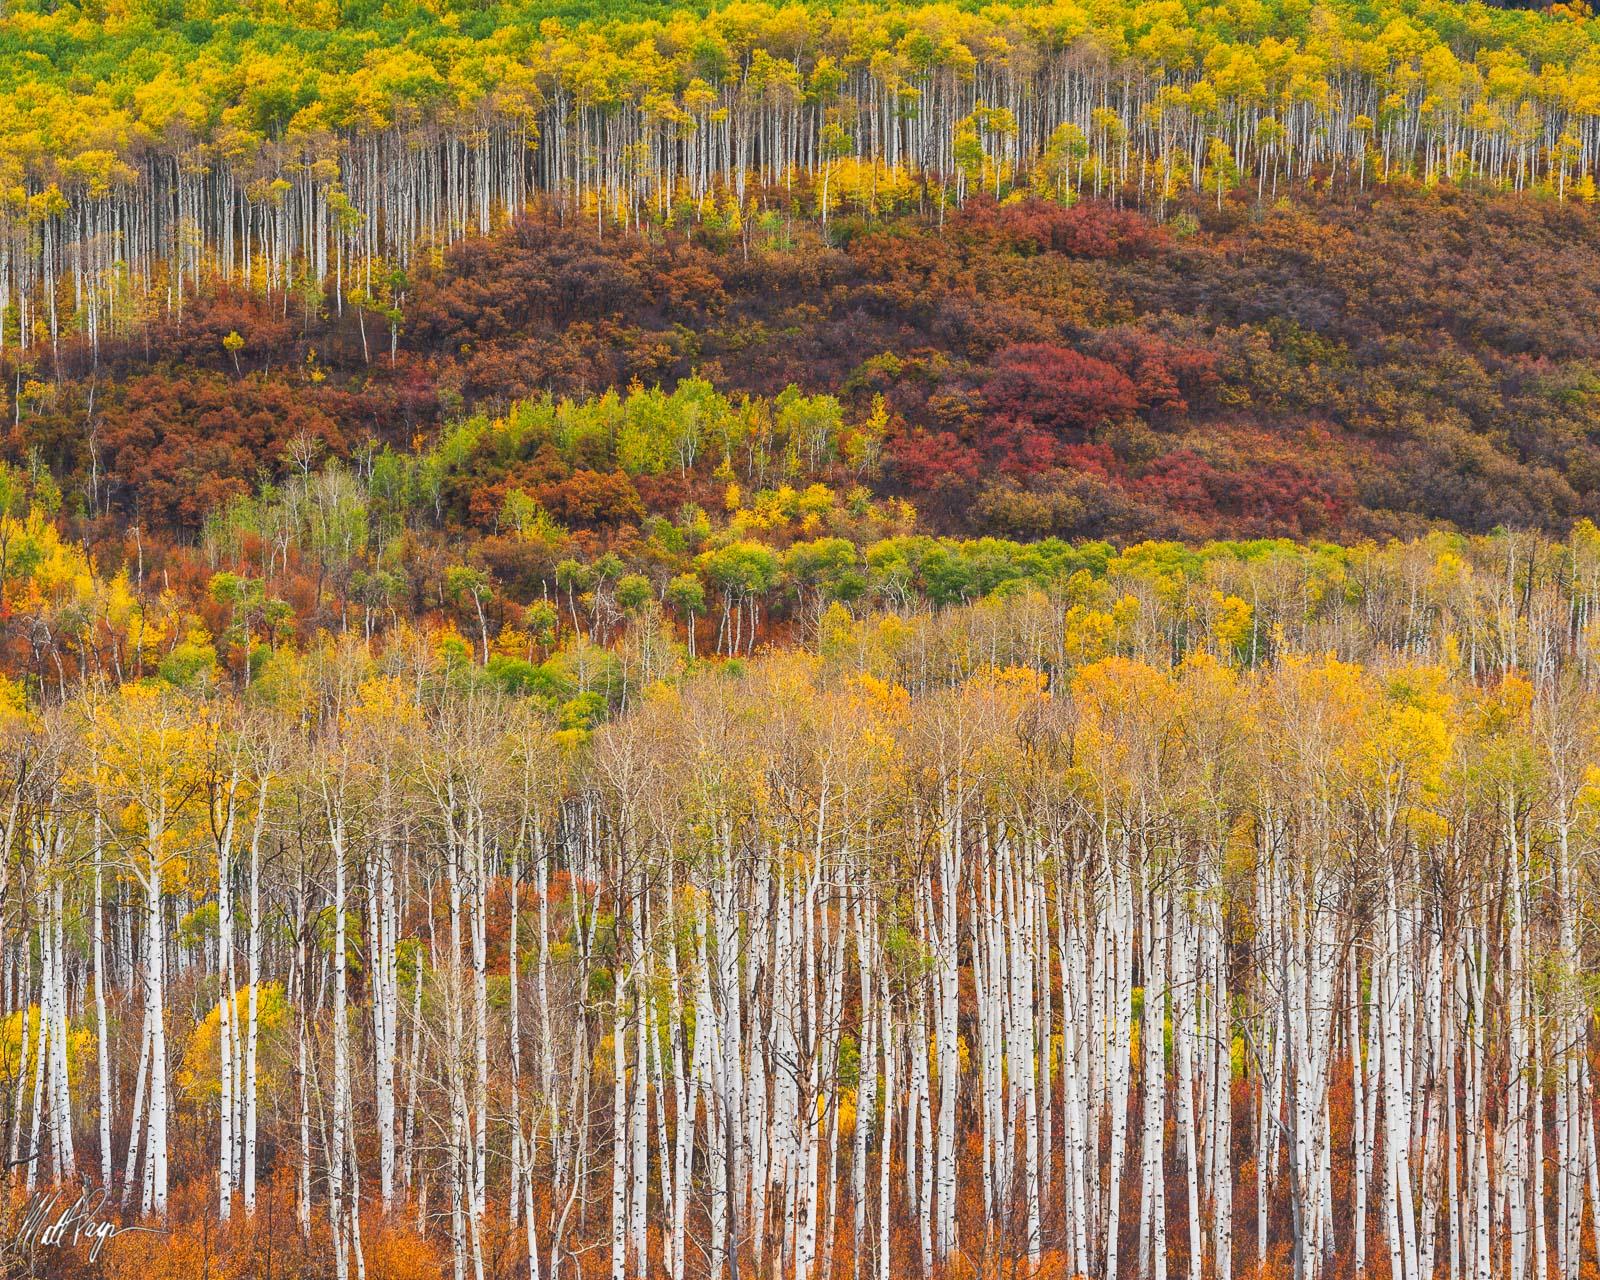 Aspen Trees, Autumn, Colorado, Fall, Fall Colors, Landscape, colorful, scrub oak, McClure Pass, photo